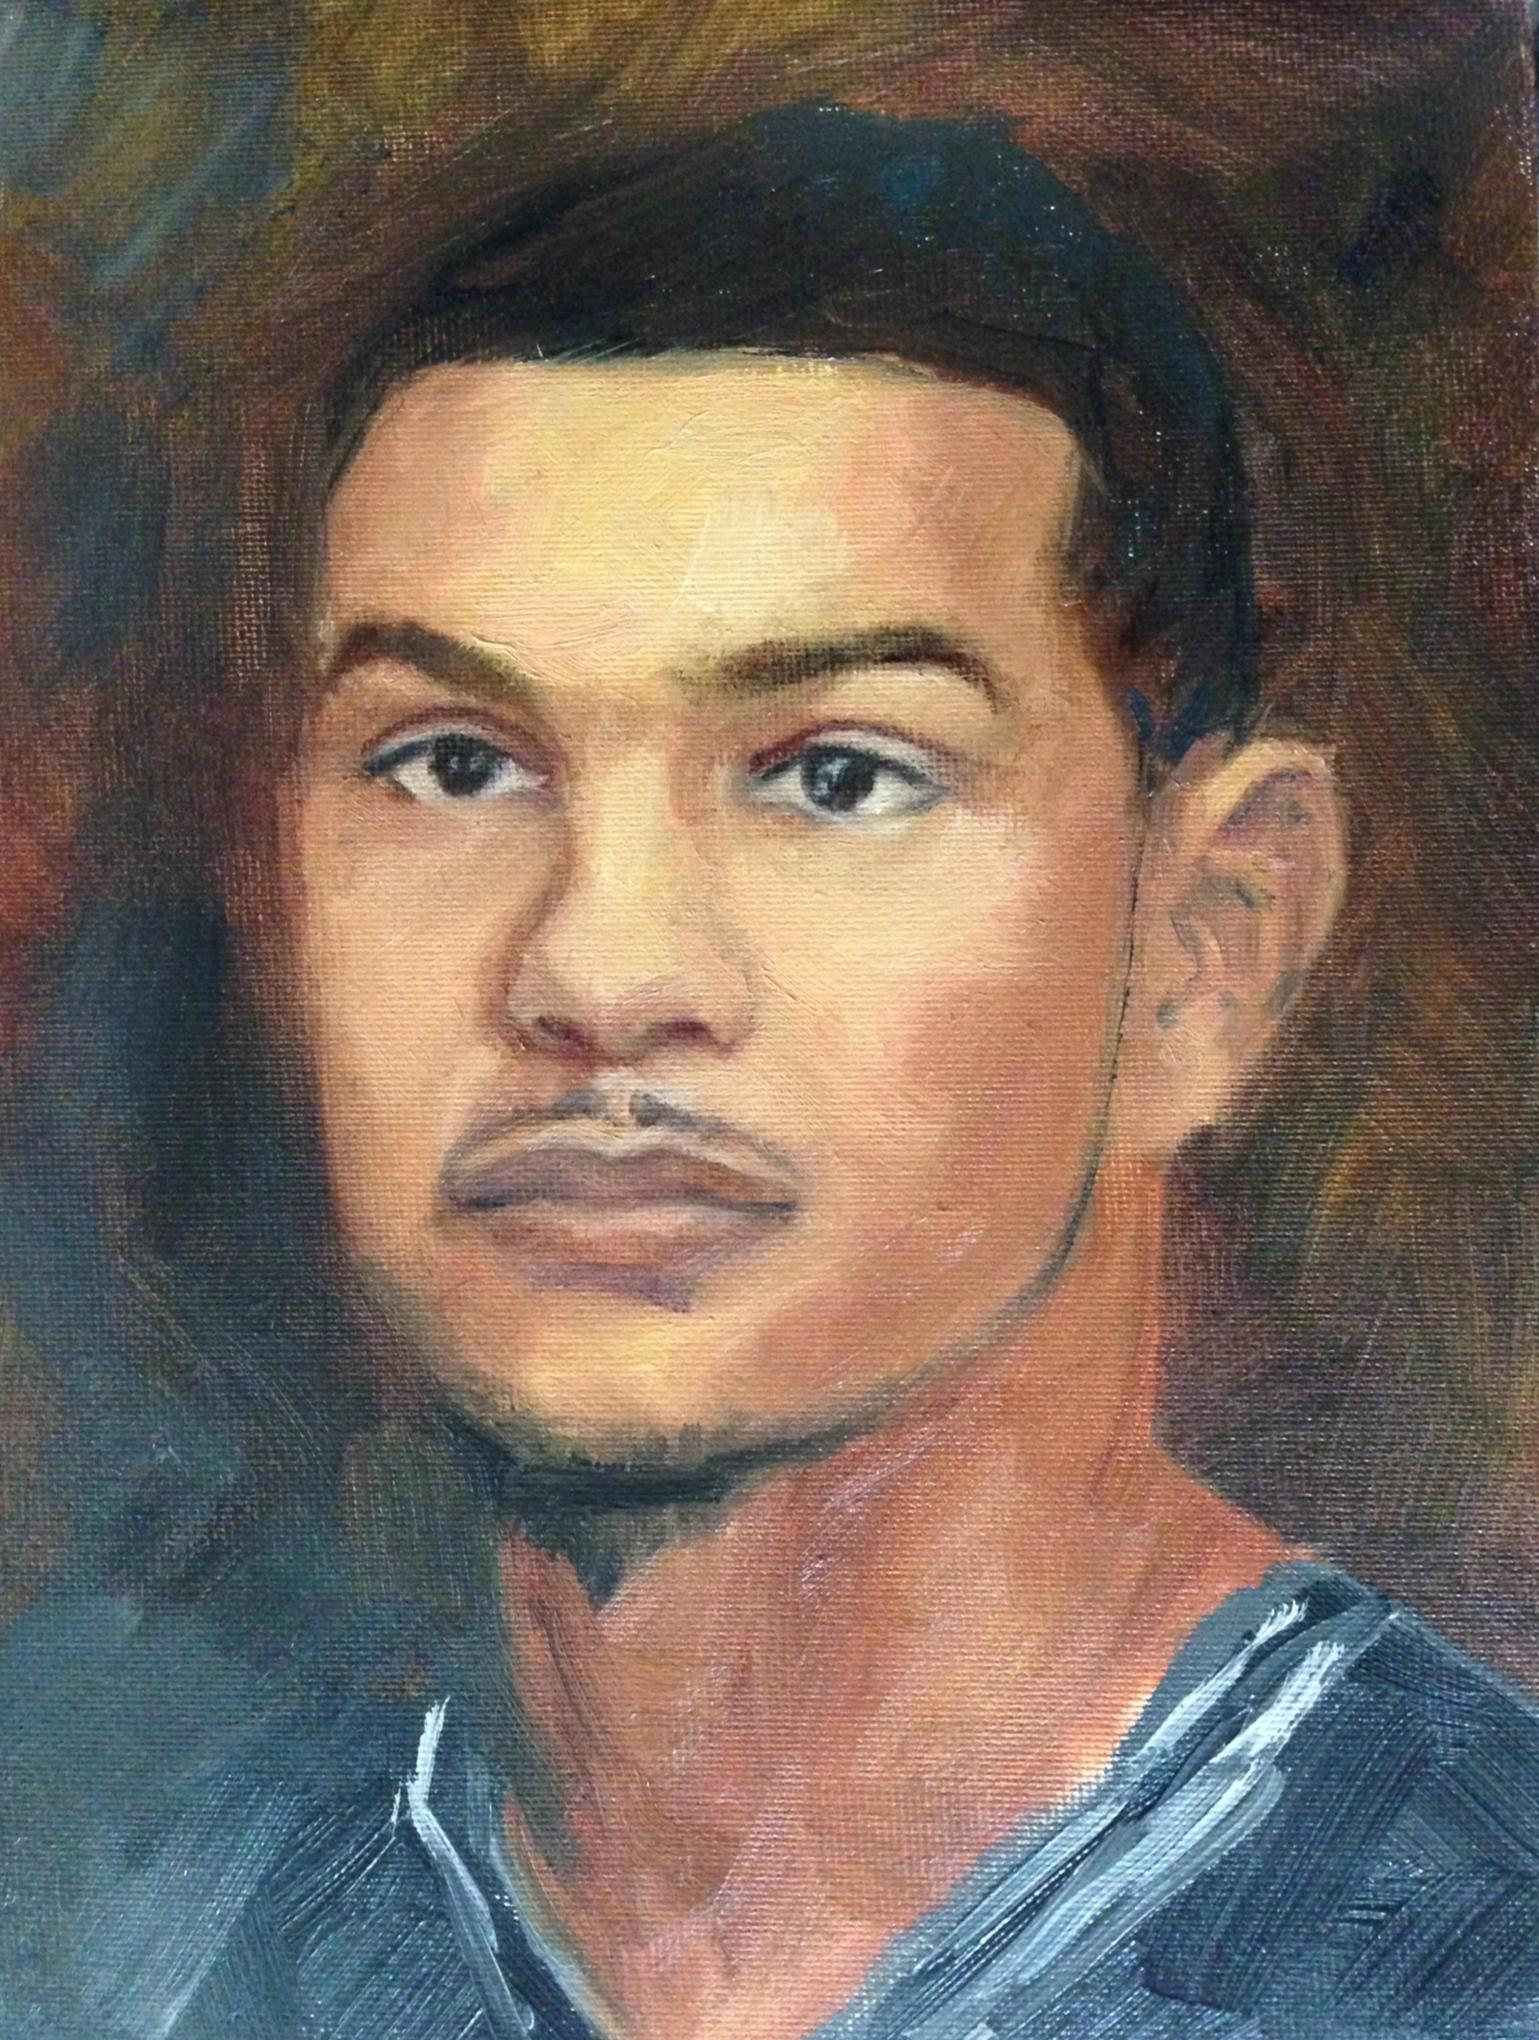 Cory-joseph-spurs-portrait